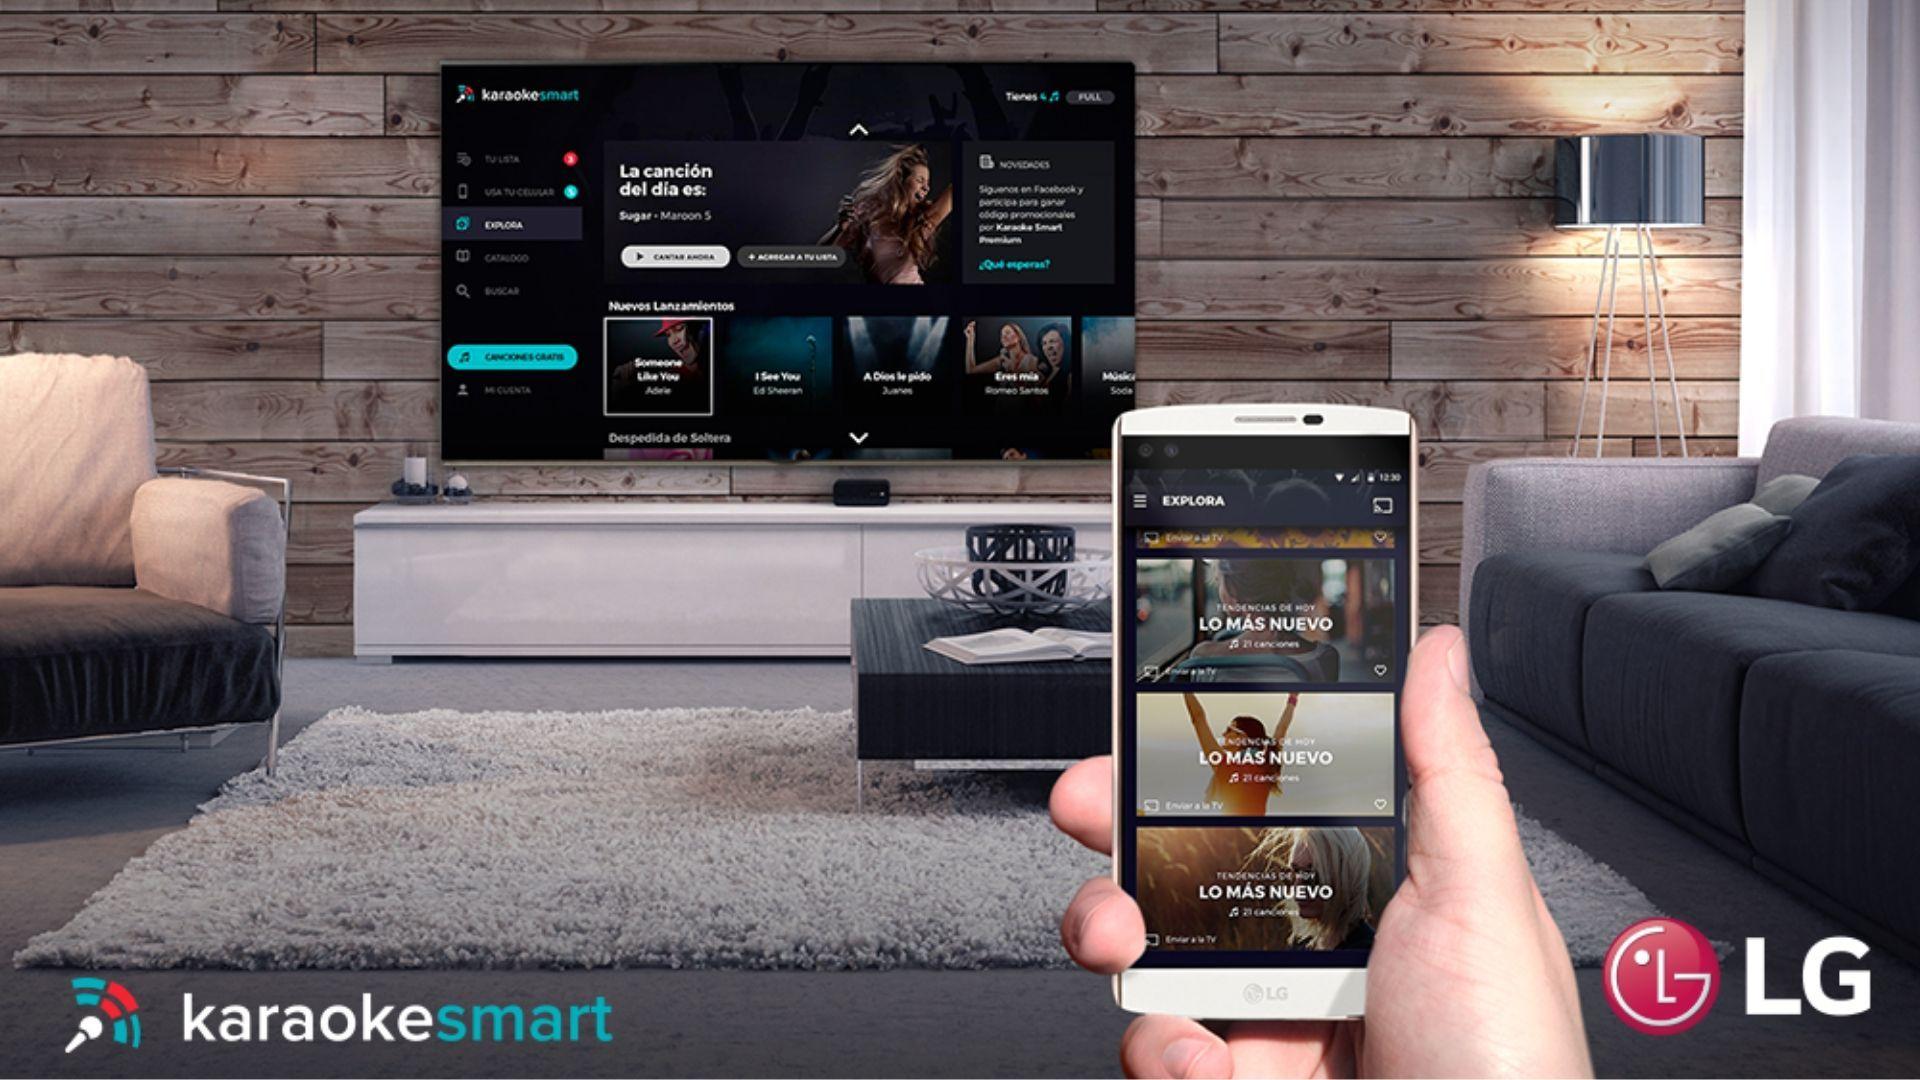 Na smart TV da LG é possível montar uma playlist e soltar o gogó | Divulgação: LG